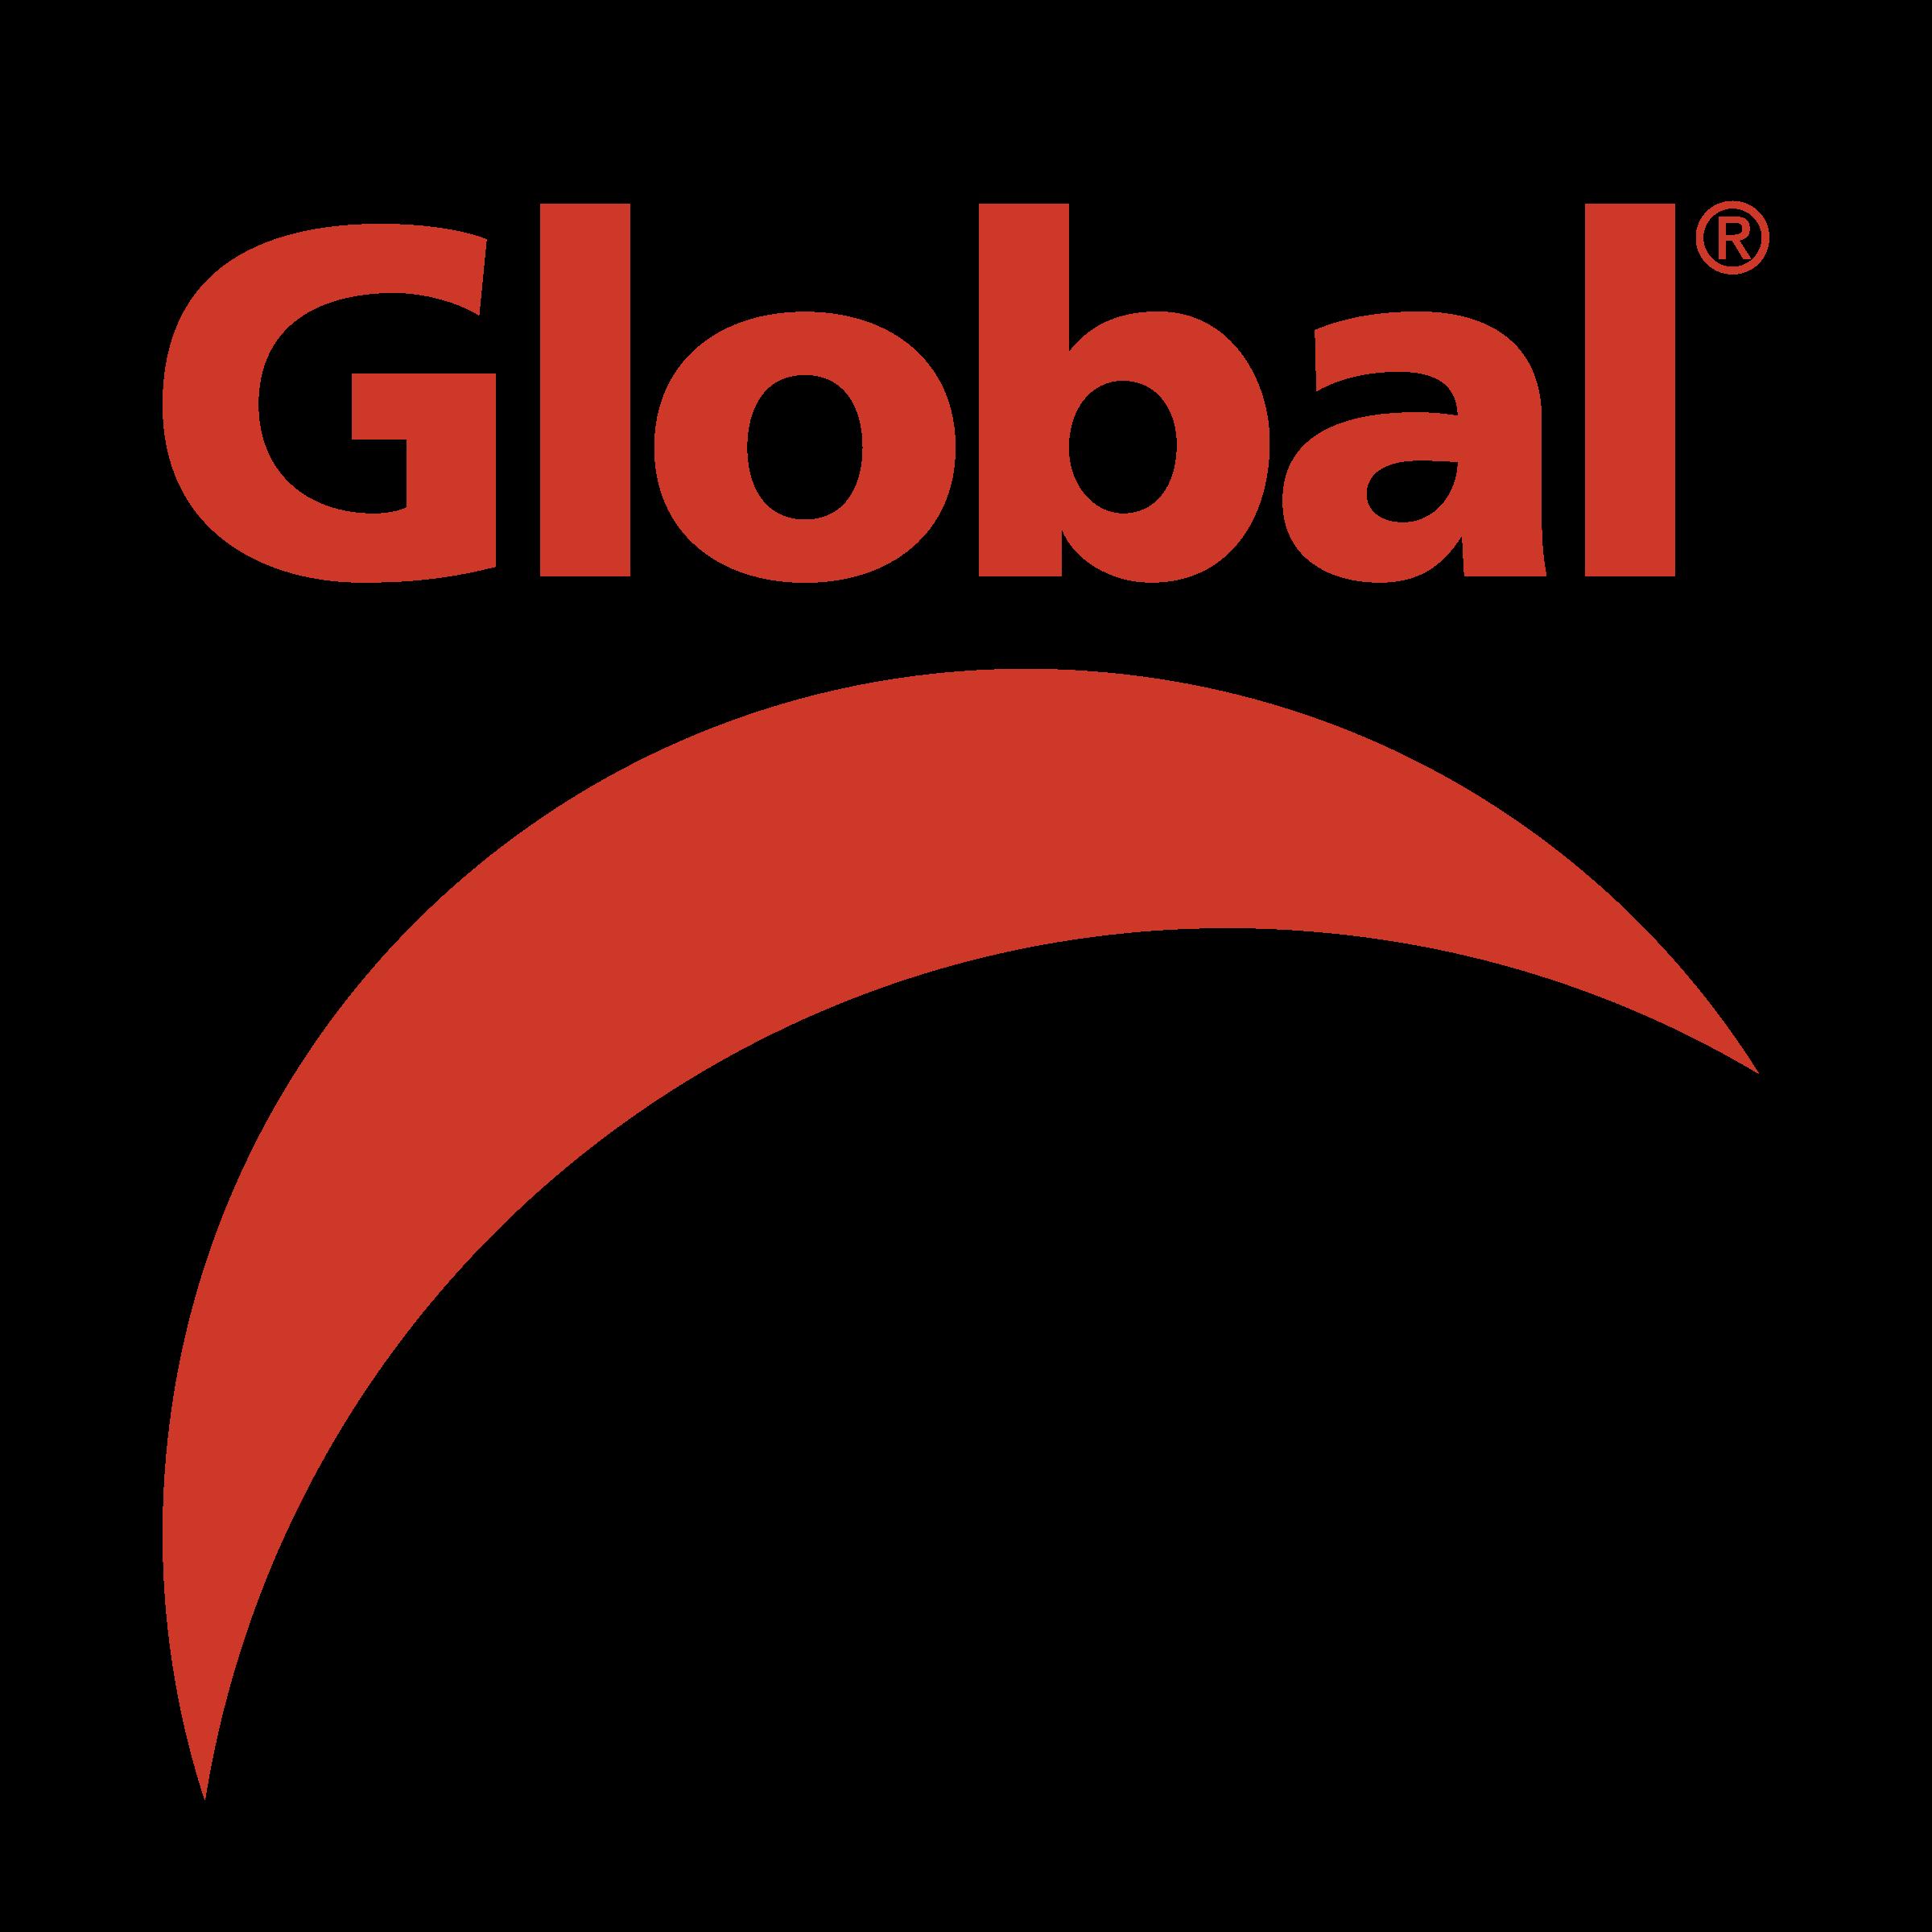 Global Television Network Logo PNG Transparent & SVG Vector.